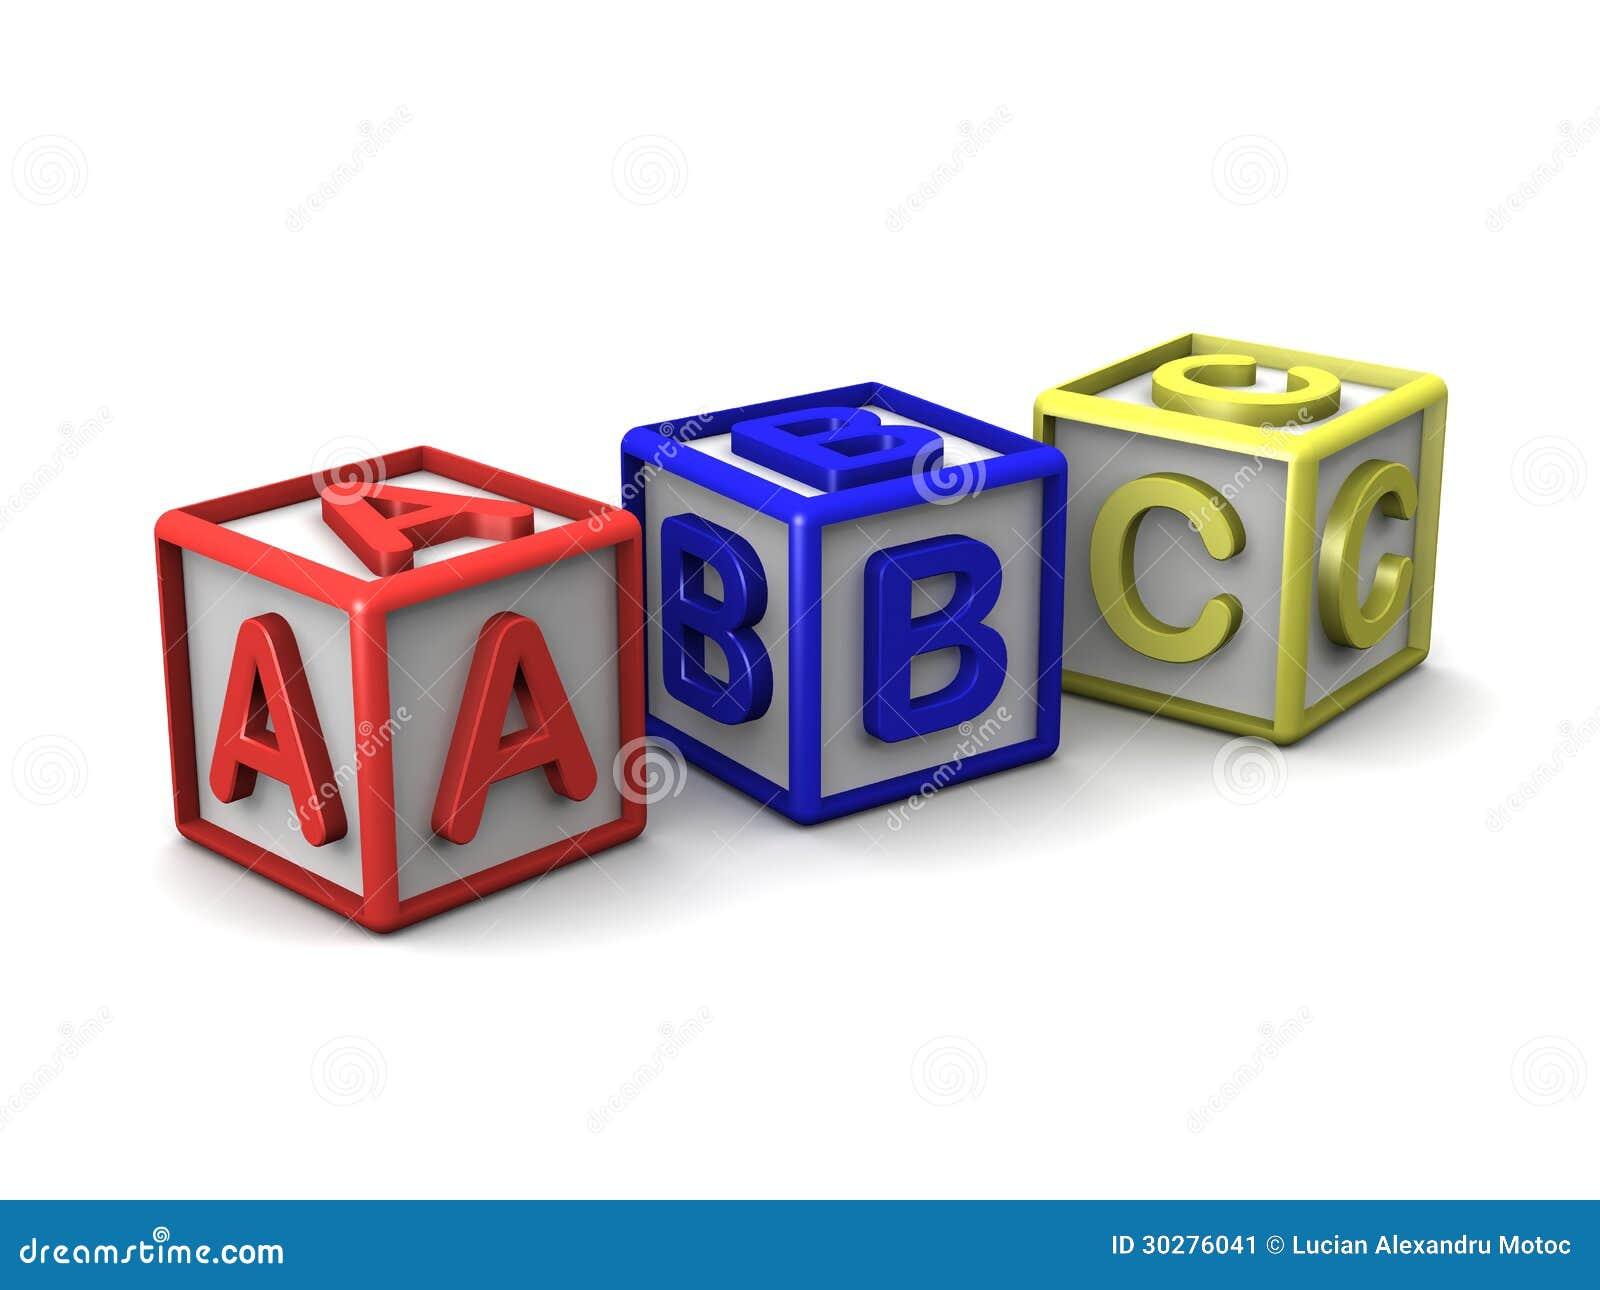 B C在立方体上写字